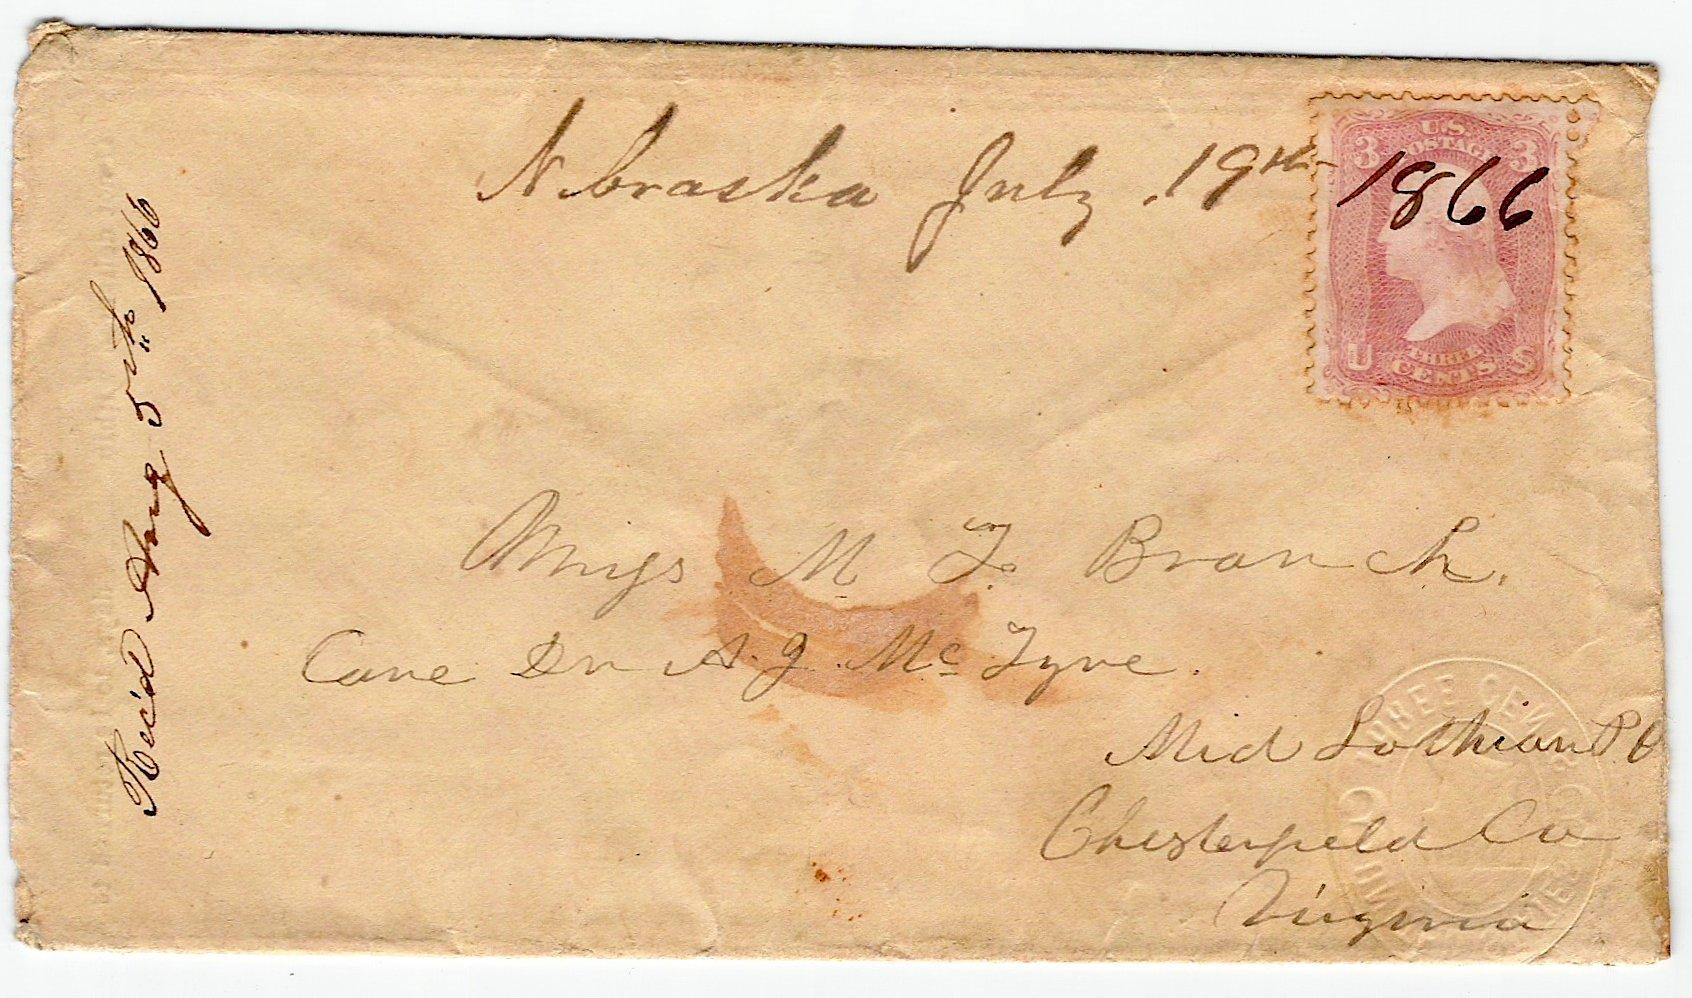 Nebraska 1866 07 19